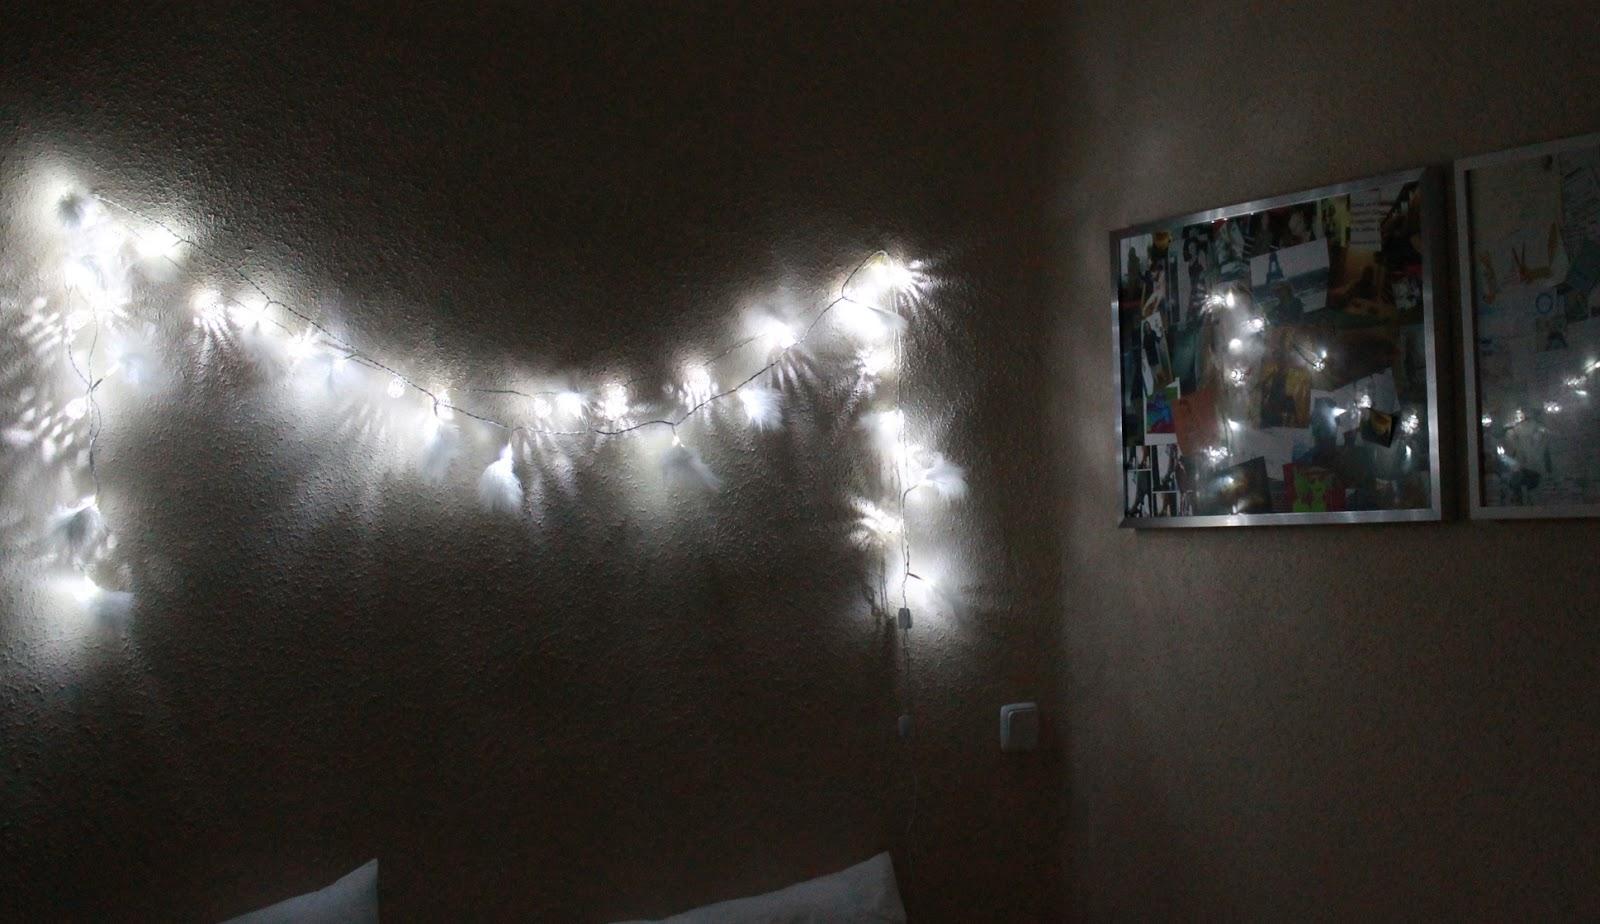 Una parisina en madrid blog de olivia legrand - Iluminacion original ...